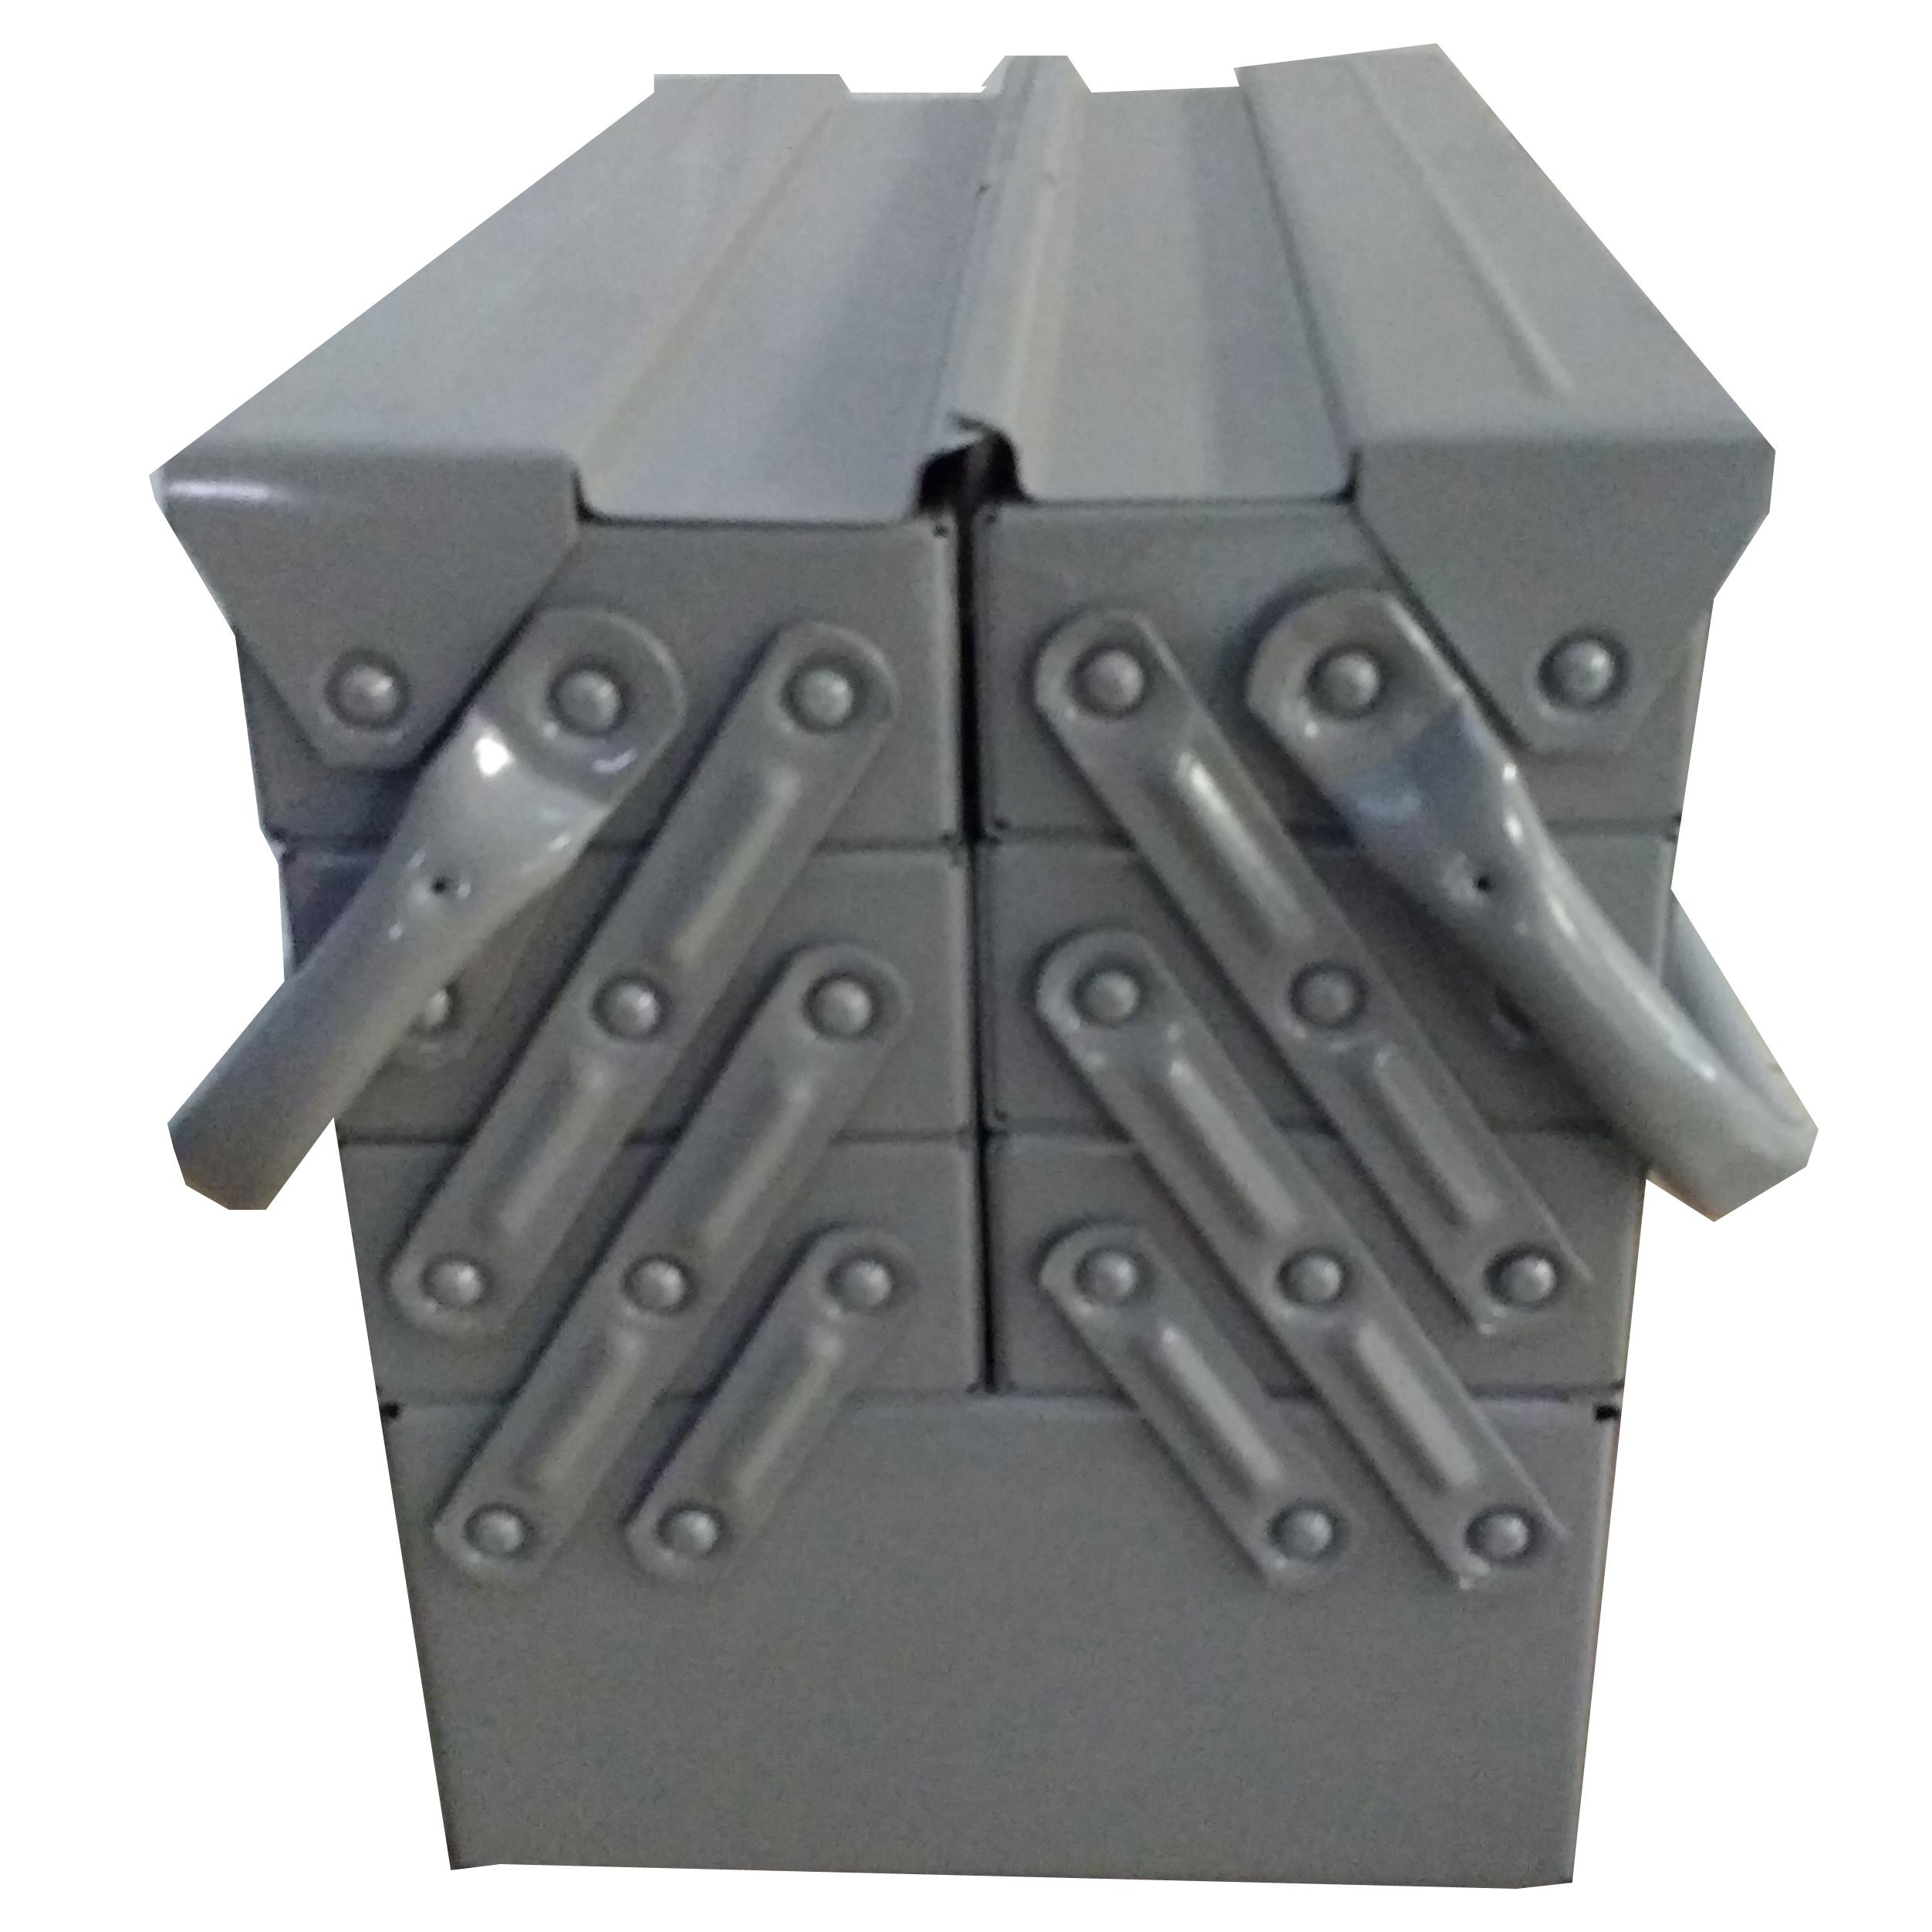 Caixa Ferramentas Sanfonada 7 Gavetas 40 cm Cabo Movel Reforçada